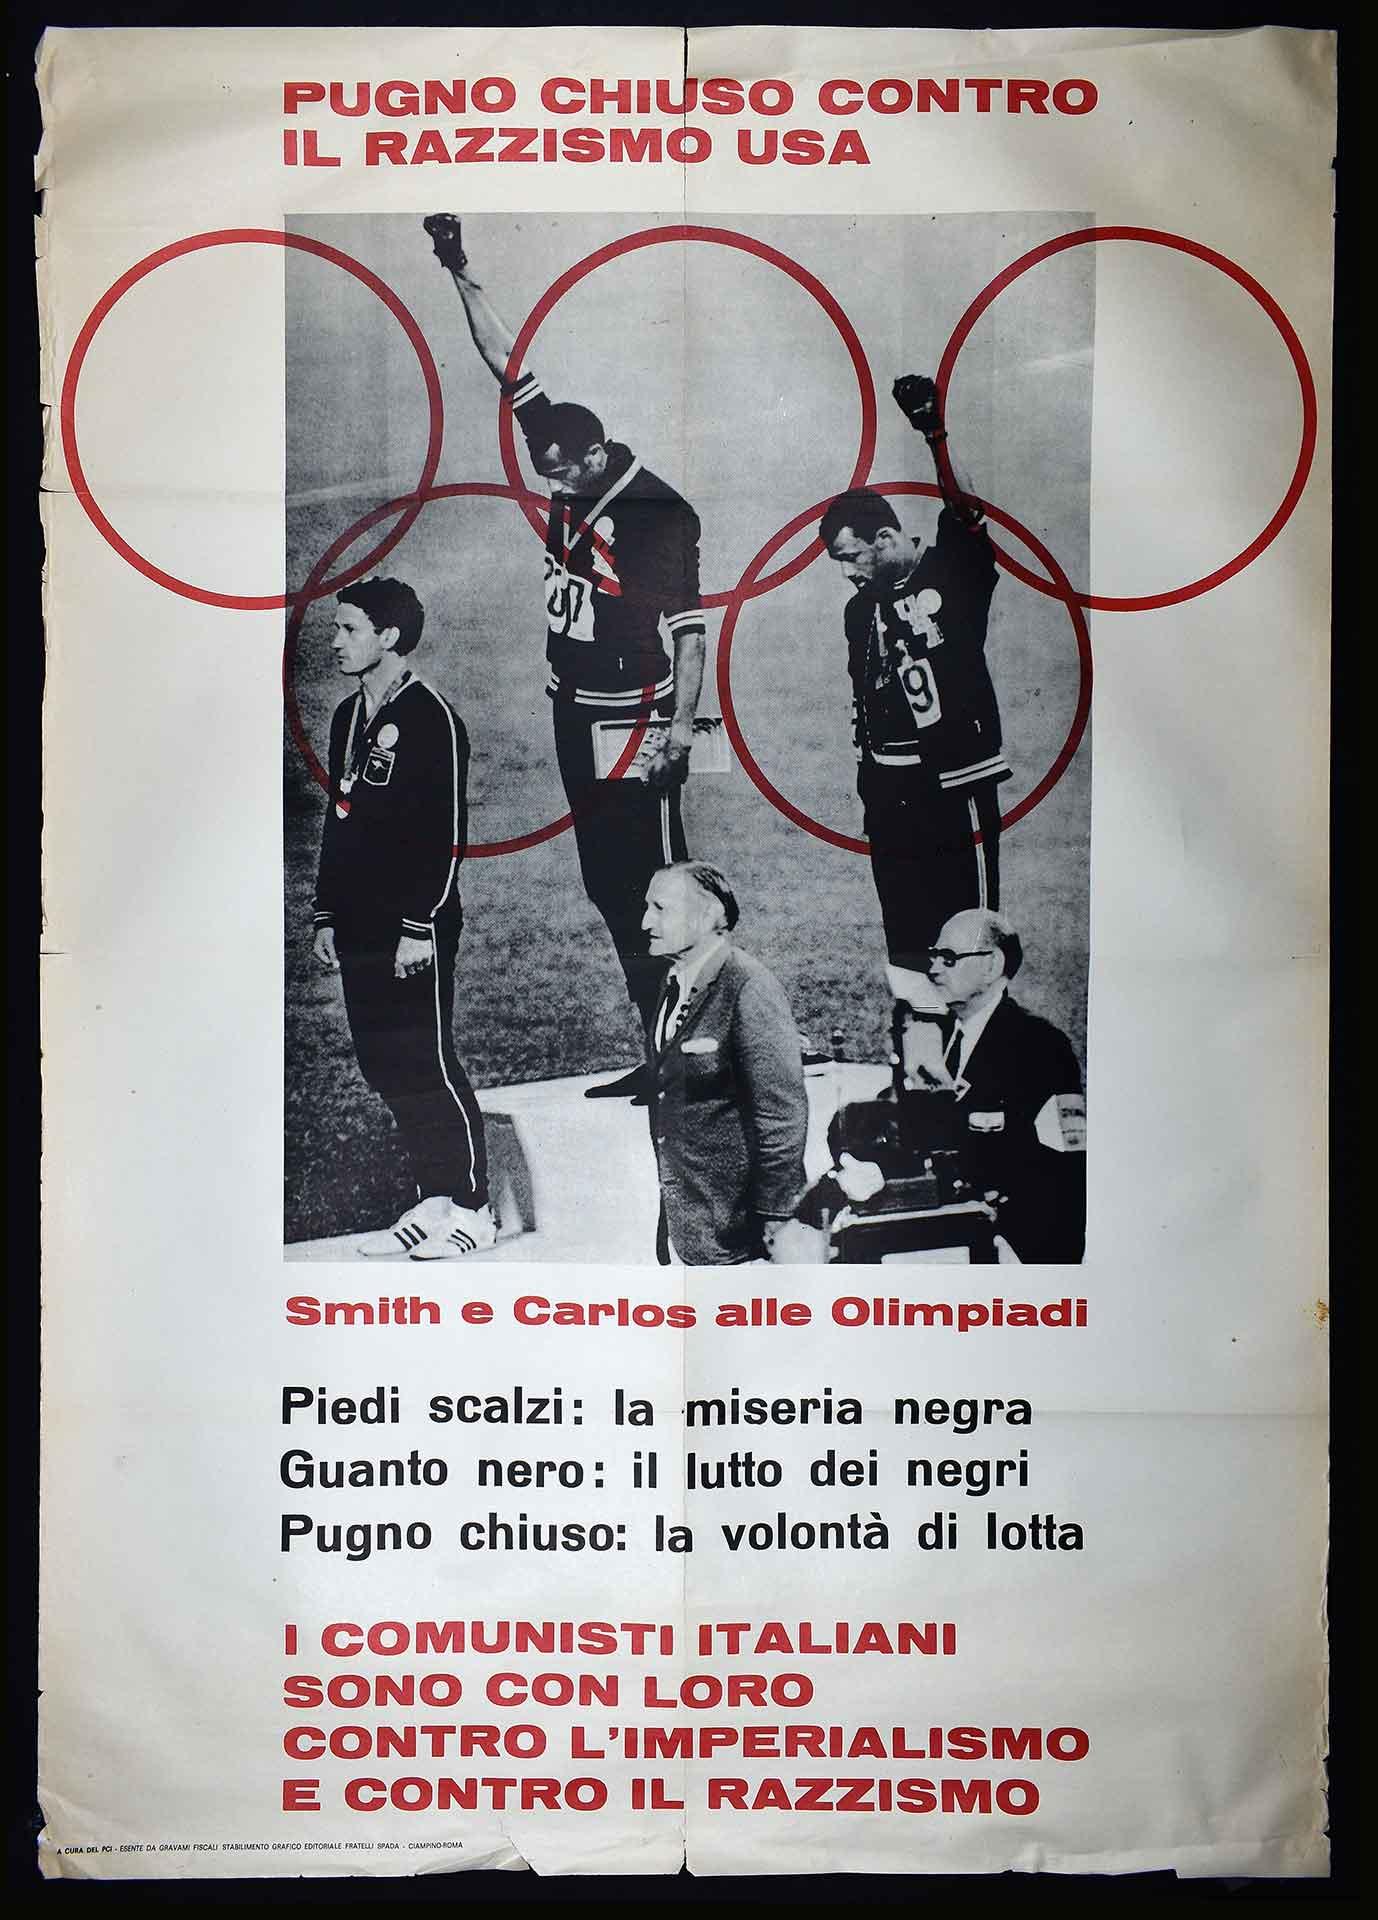 Il Partito comunista italiano (PCI) contro il razzismo. Stampa Fratelli Spada stabilimento grafico editoriale, Ciampino (Roma). Il manifesto riporta l'immagine degli atleti Smith e Carlos che protestano alle Olimpiadi di Città del Messico del 1968. Movimento antirazzista.